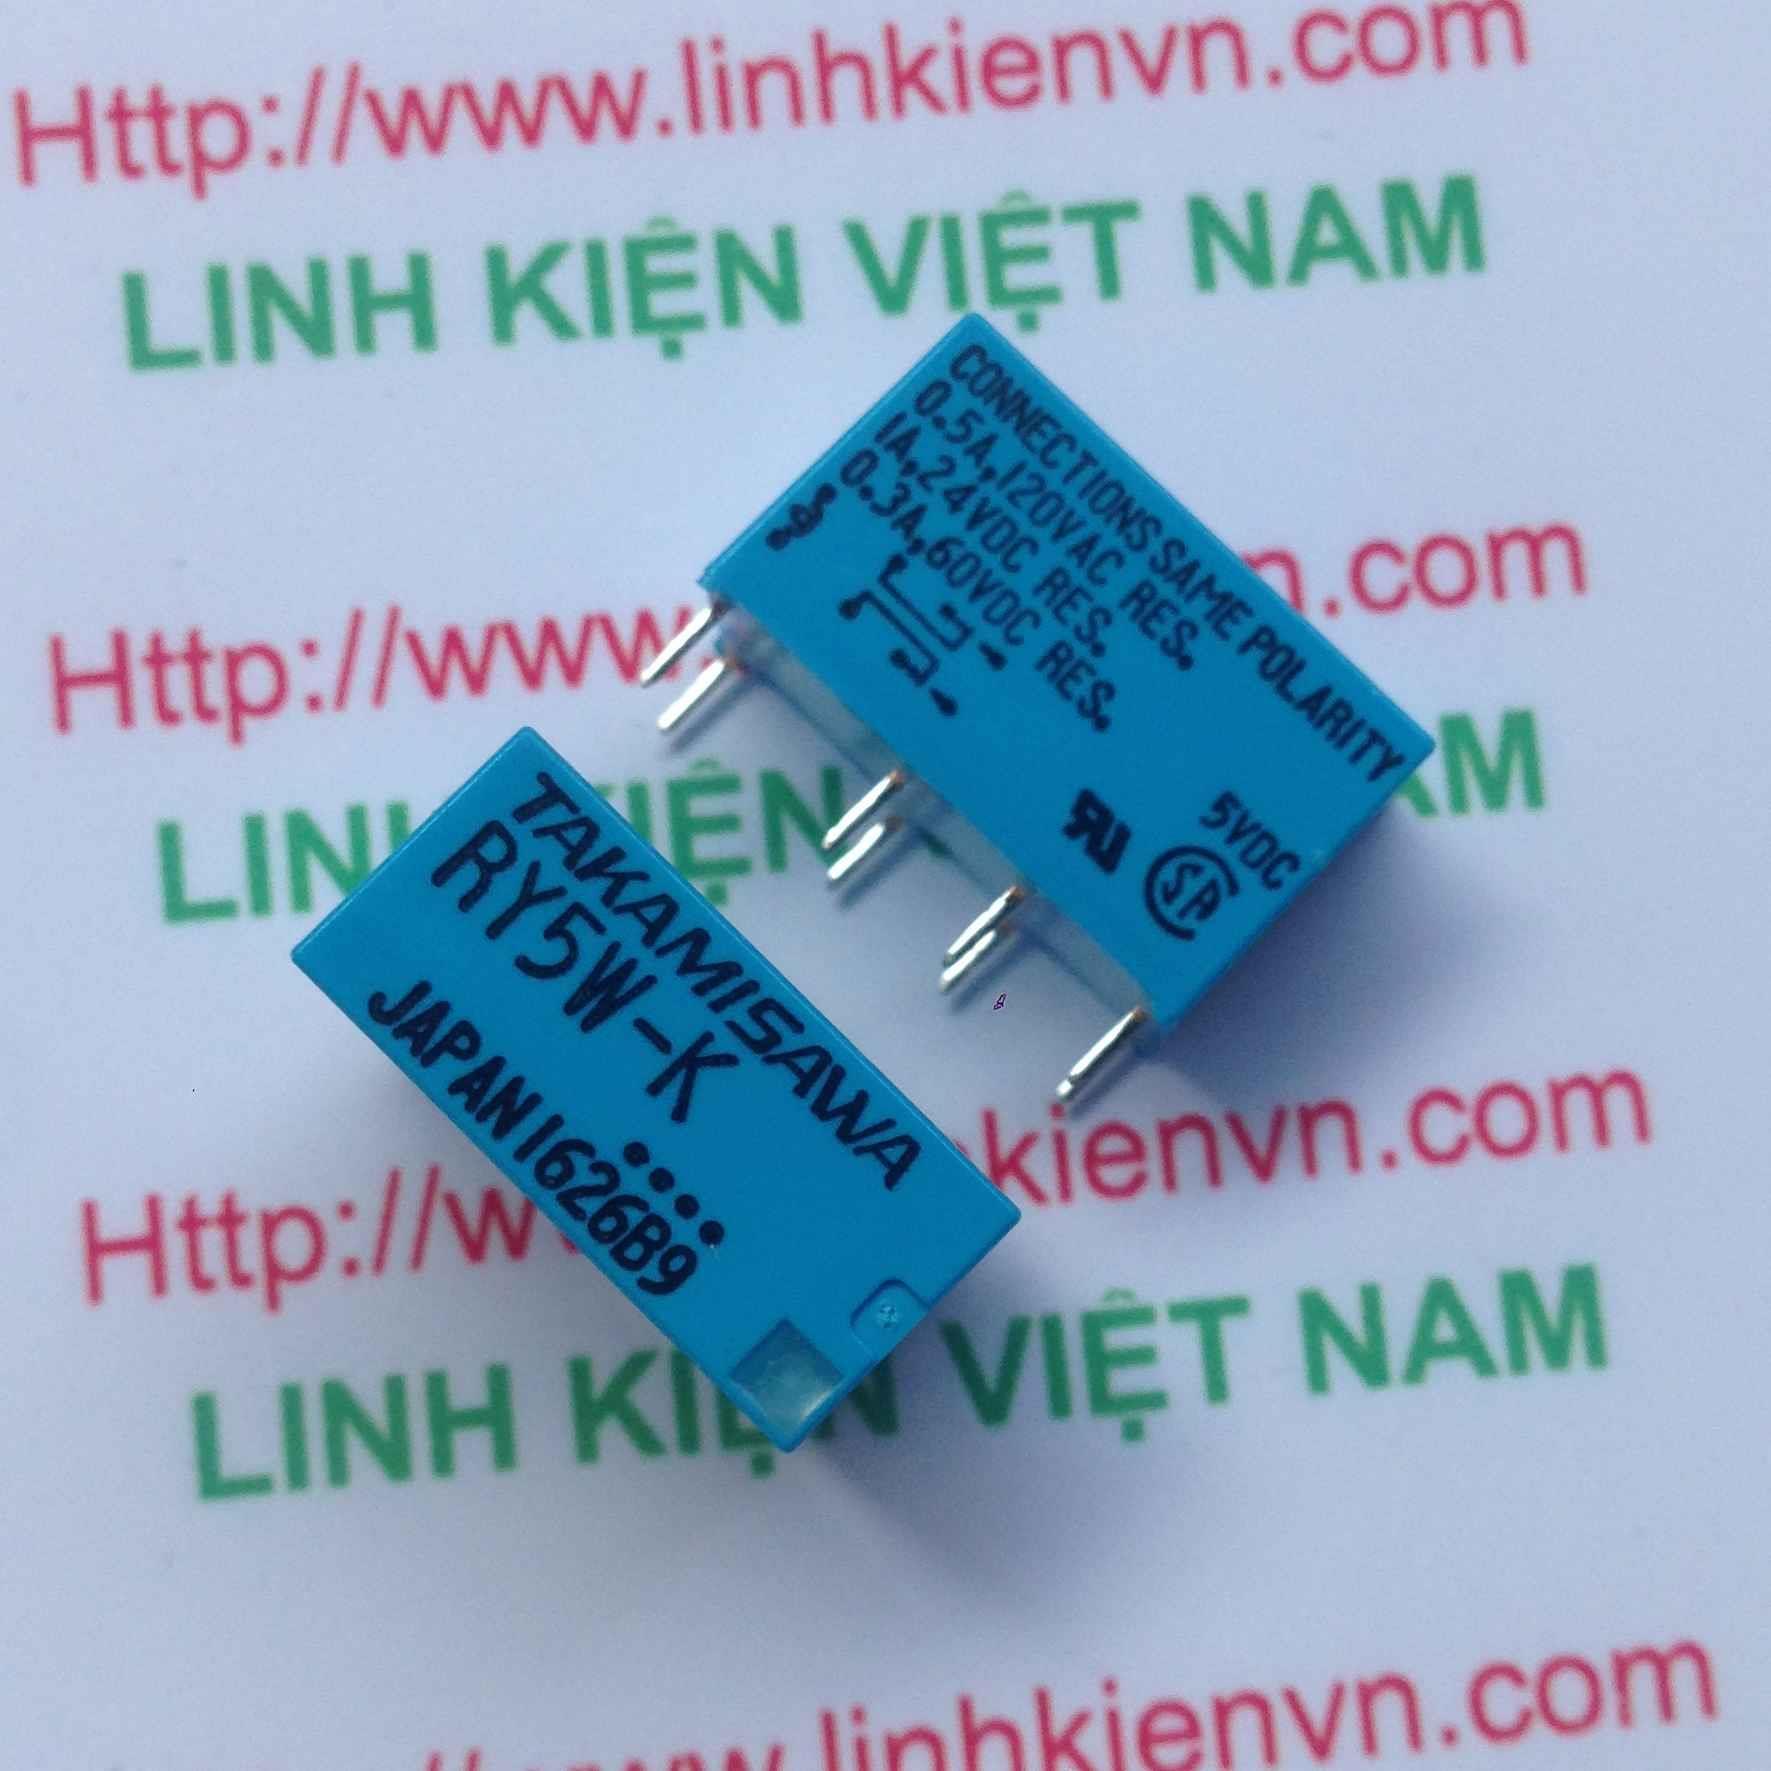 Relay 5V 0.5A-120VAC / Relay TAKAMISAWA RY5W-K / Relay 5V RY5W-K - G3H6(KB4H3)